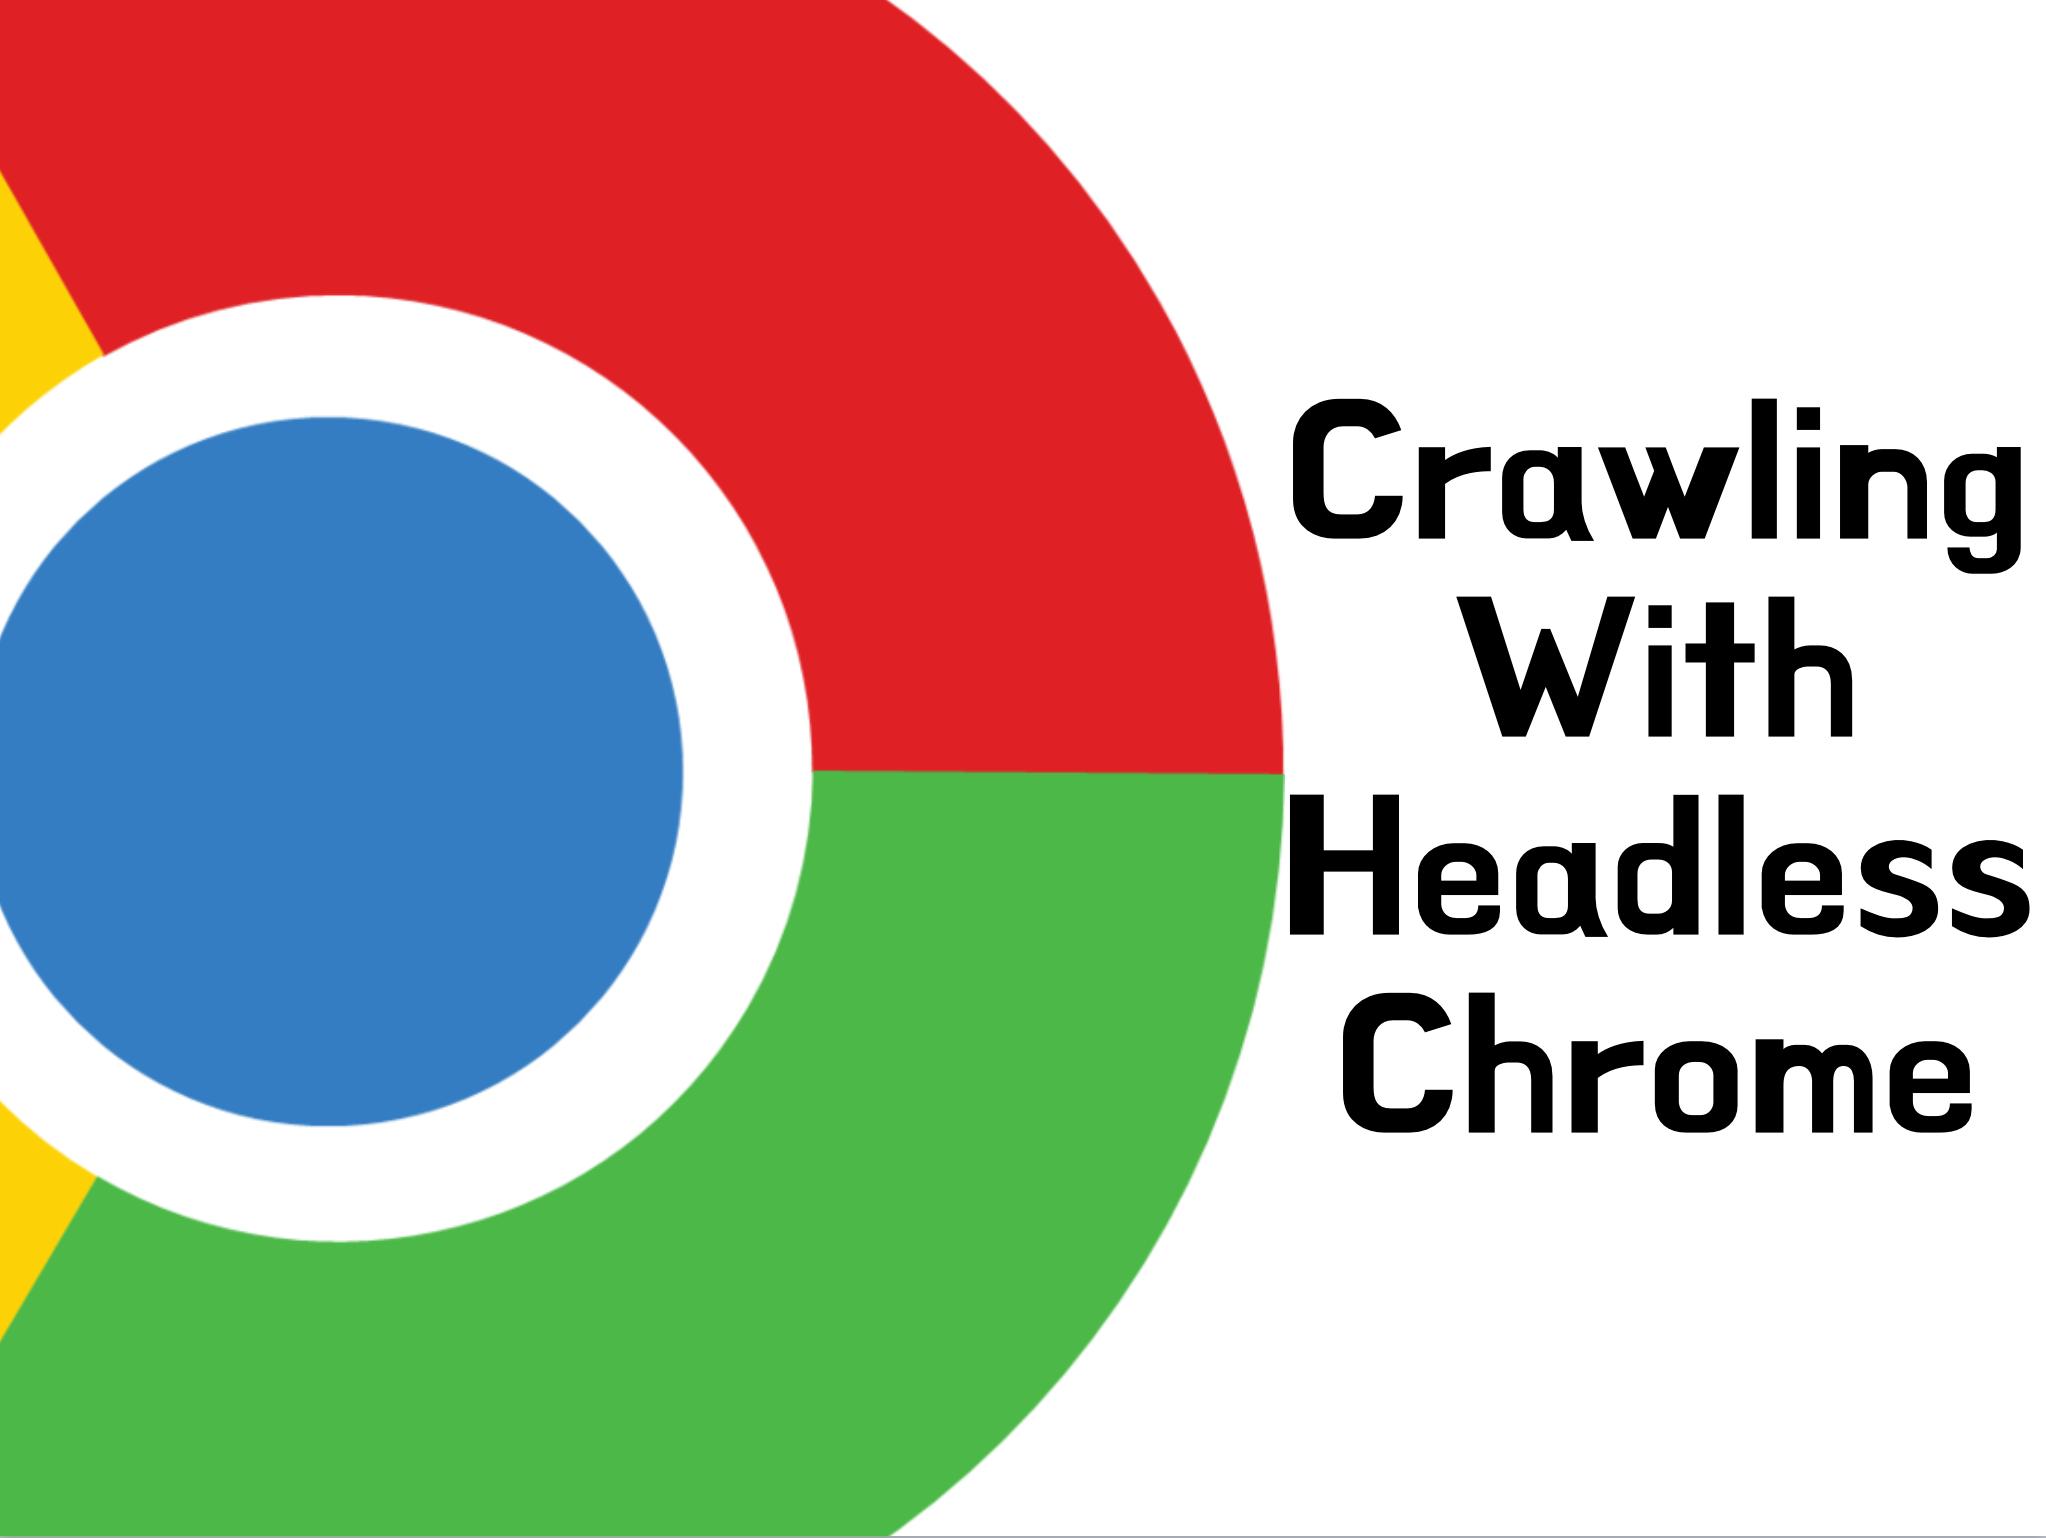 나만의 웹 크롤러 만들기(7): 창없는 크롬으로 크롤링하기